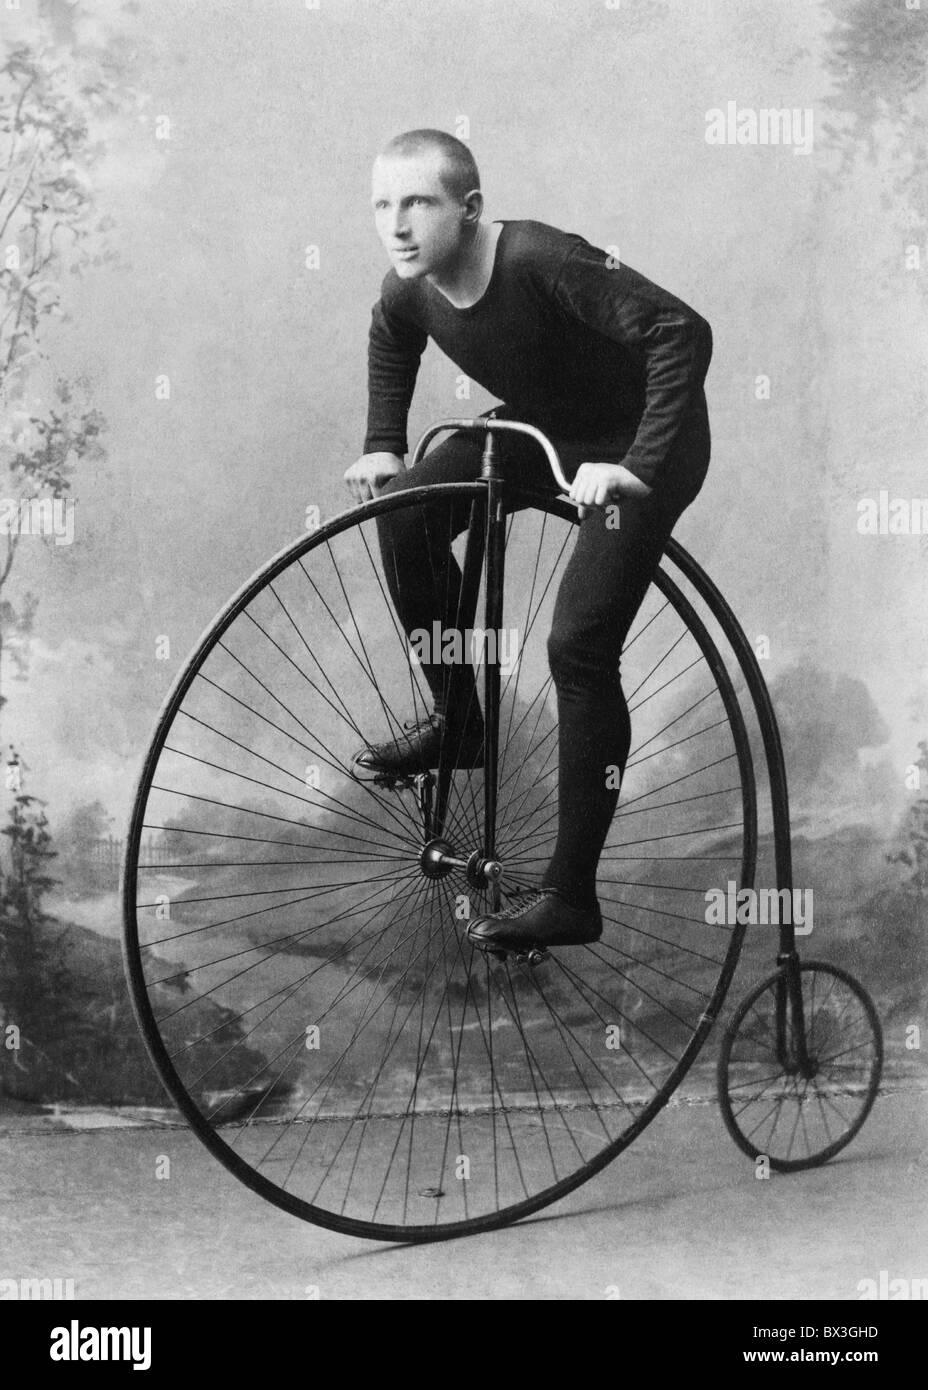 Vintage foto ritratto circa 1891 del Campione del Mondo ciclista William Walker Martin su un penny farthing bicicletta. Immagini Stock